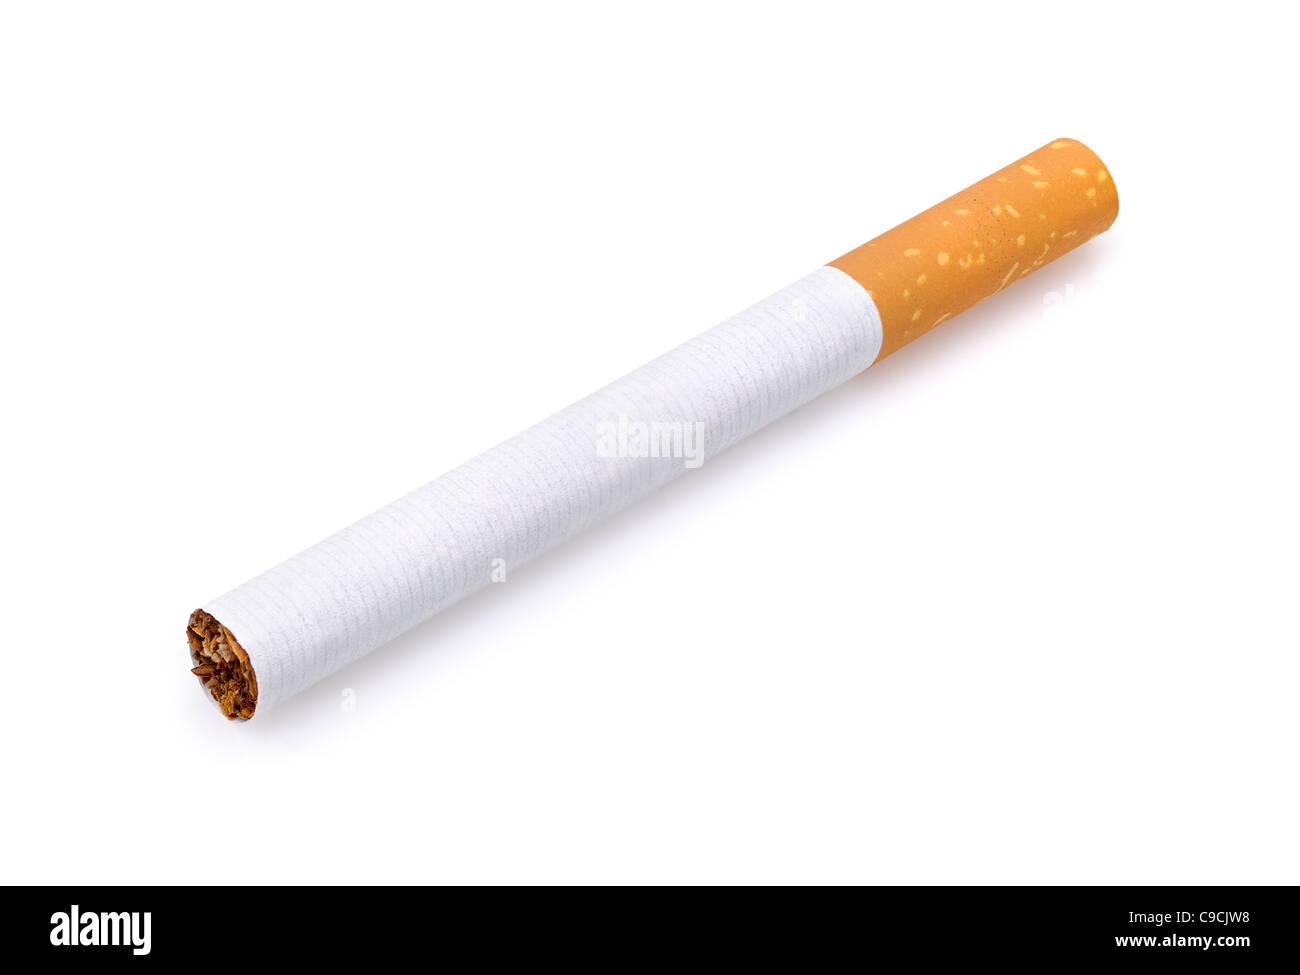 Zigarette, ausschneiden. Stockbild